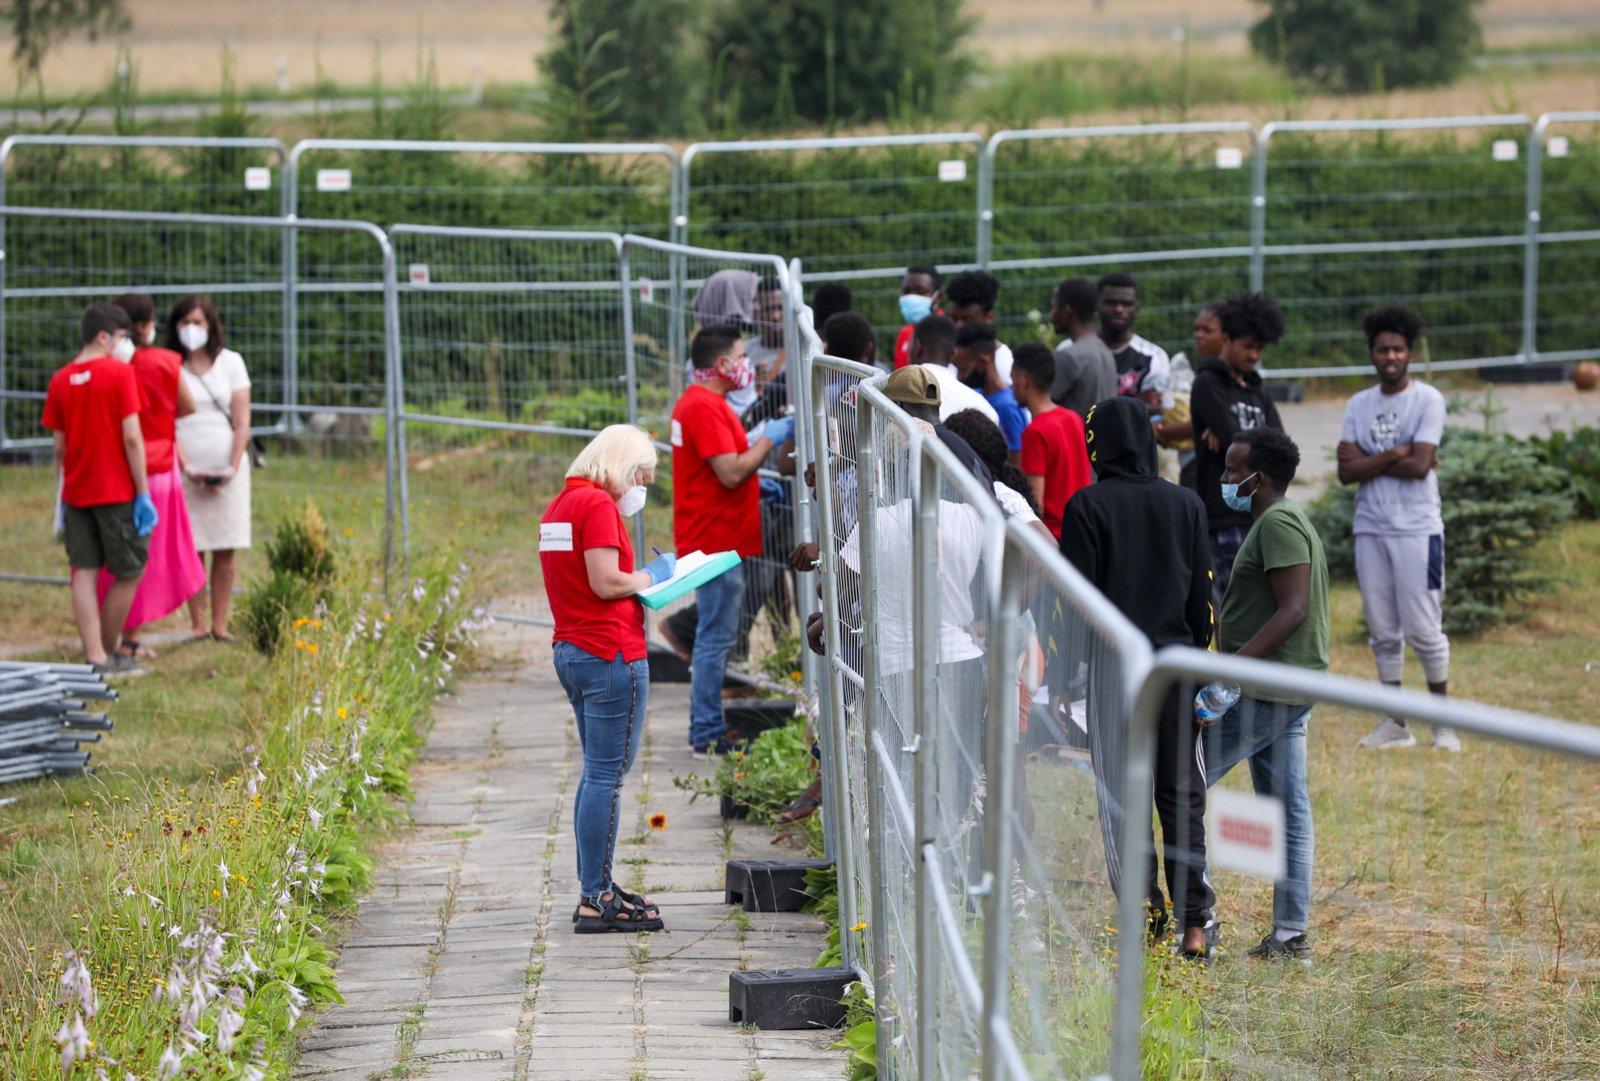 Pareigūnai dėl neteisėtų migrantų siūlo keisti bausmių vykdymo kodeksą